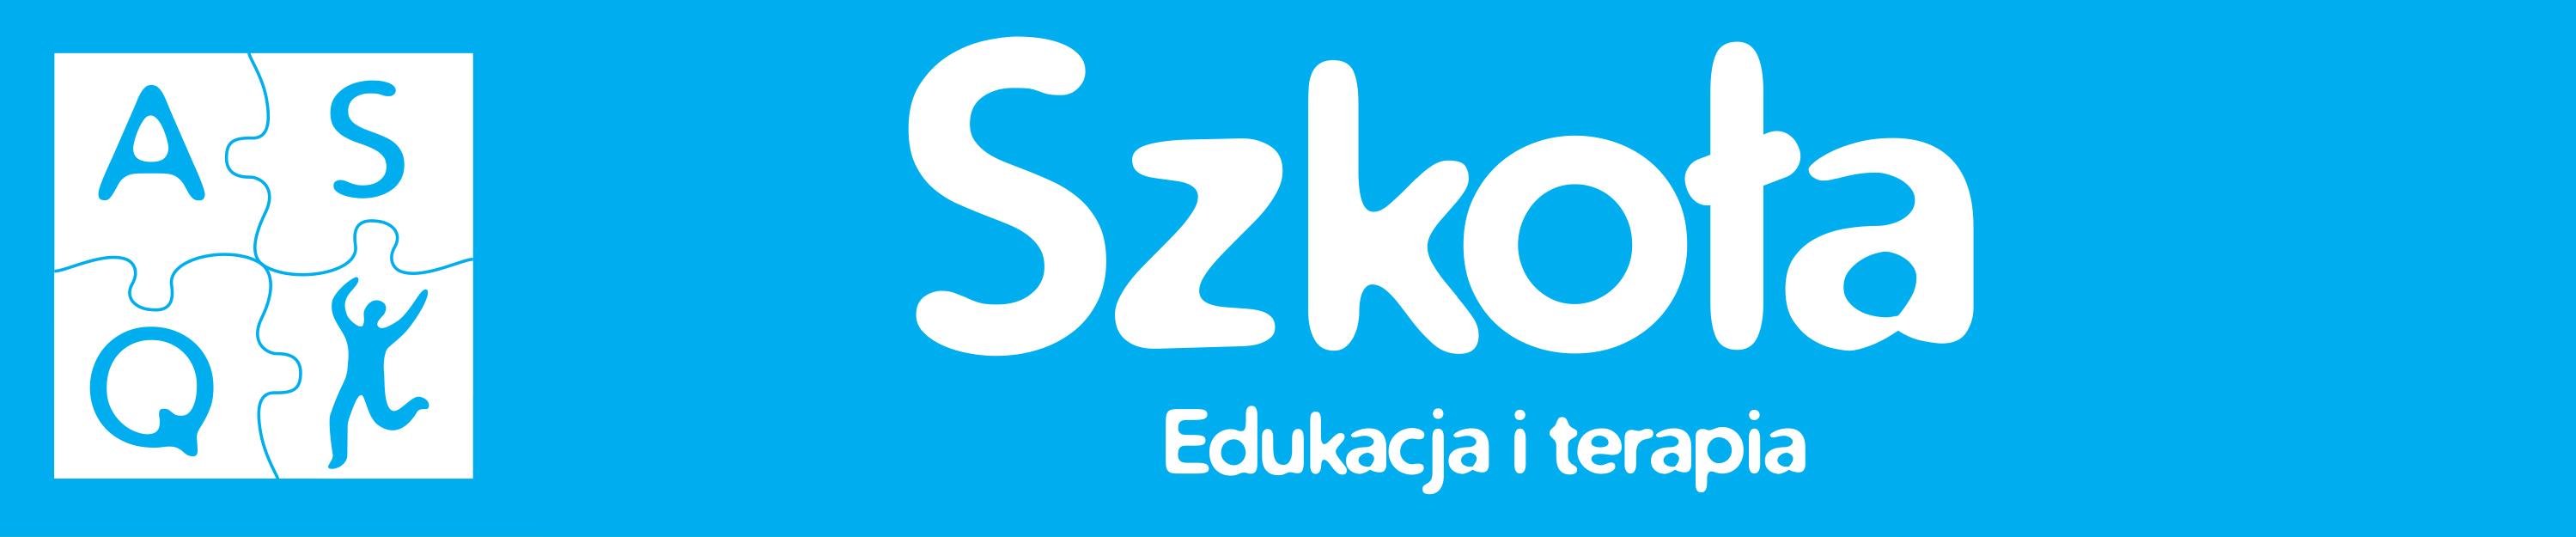 nowa.asqszkola.pl